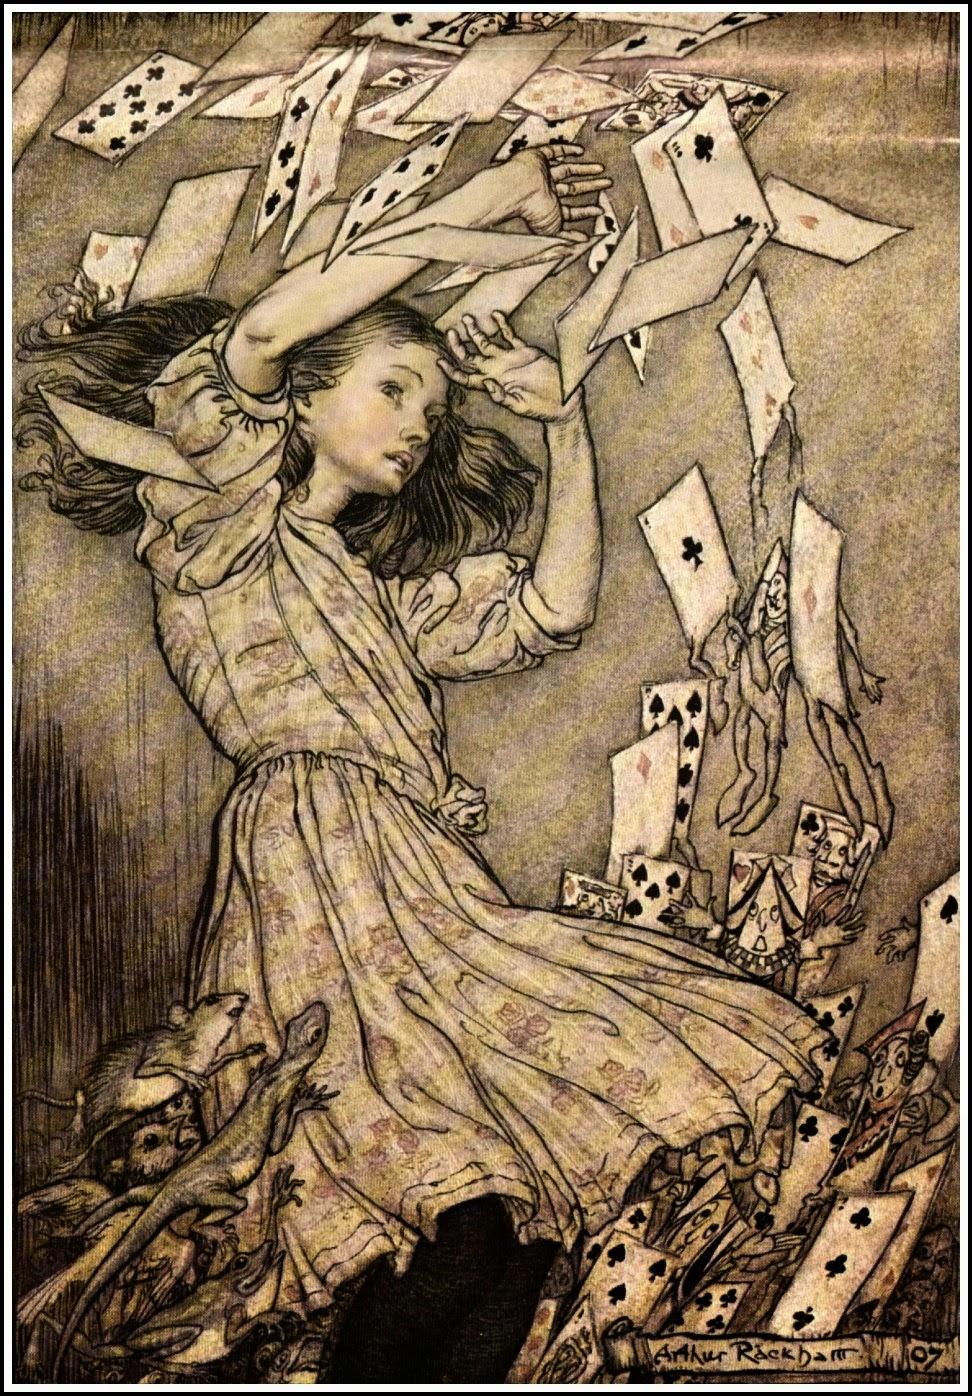 accademia del fumetto siena illustrazione editoriale